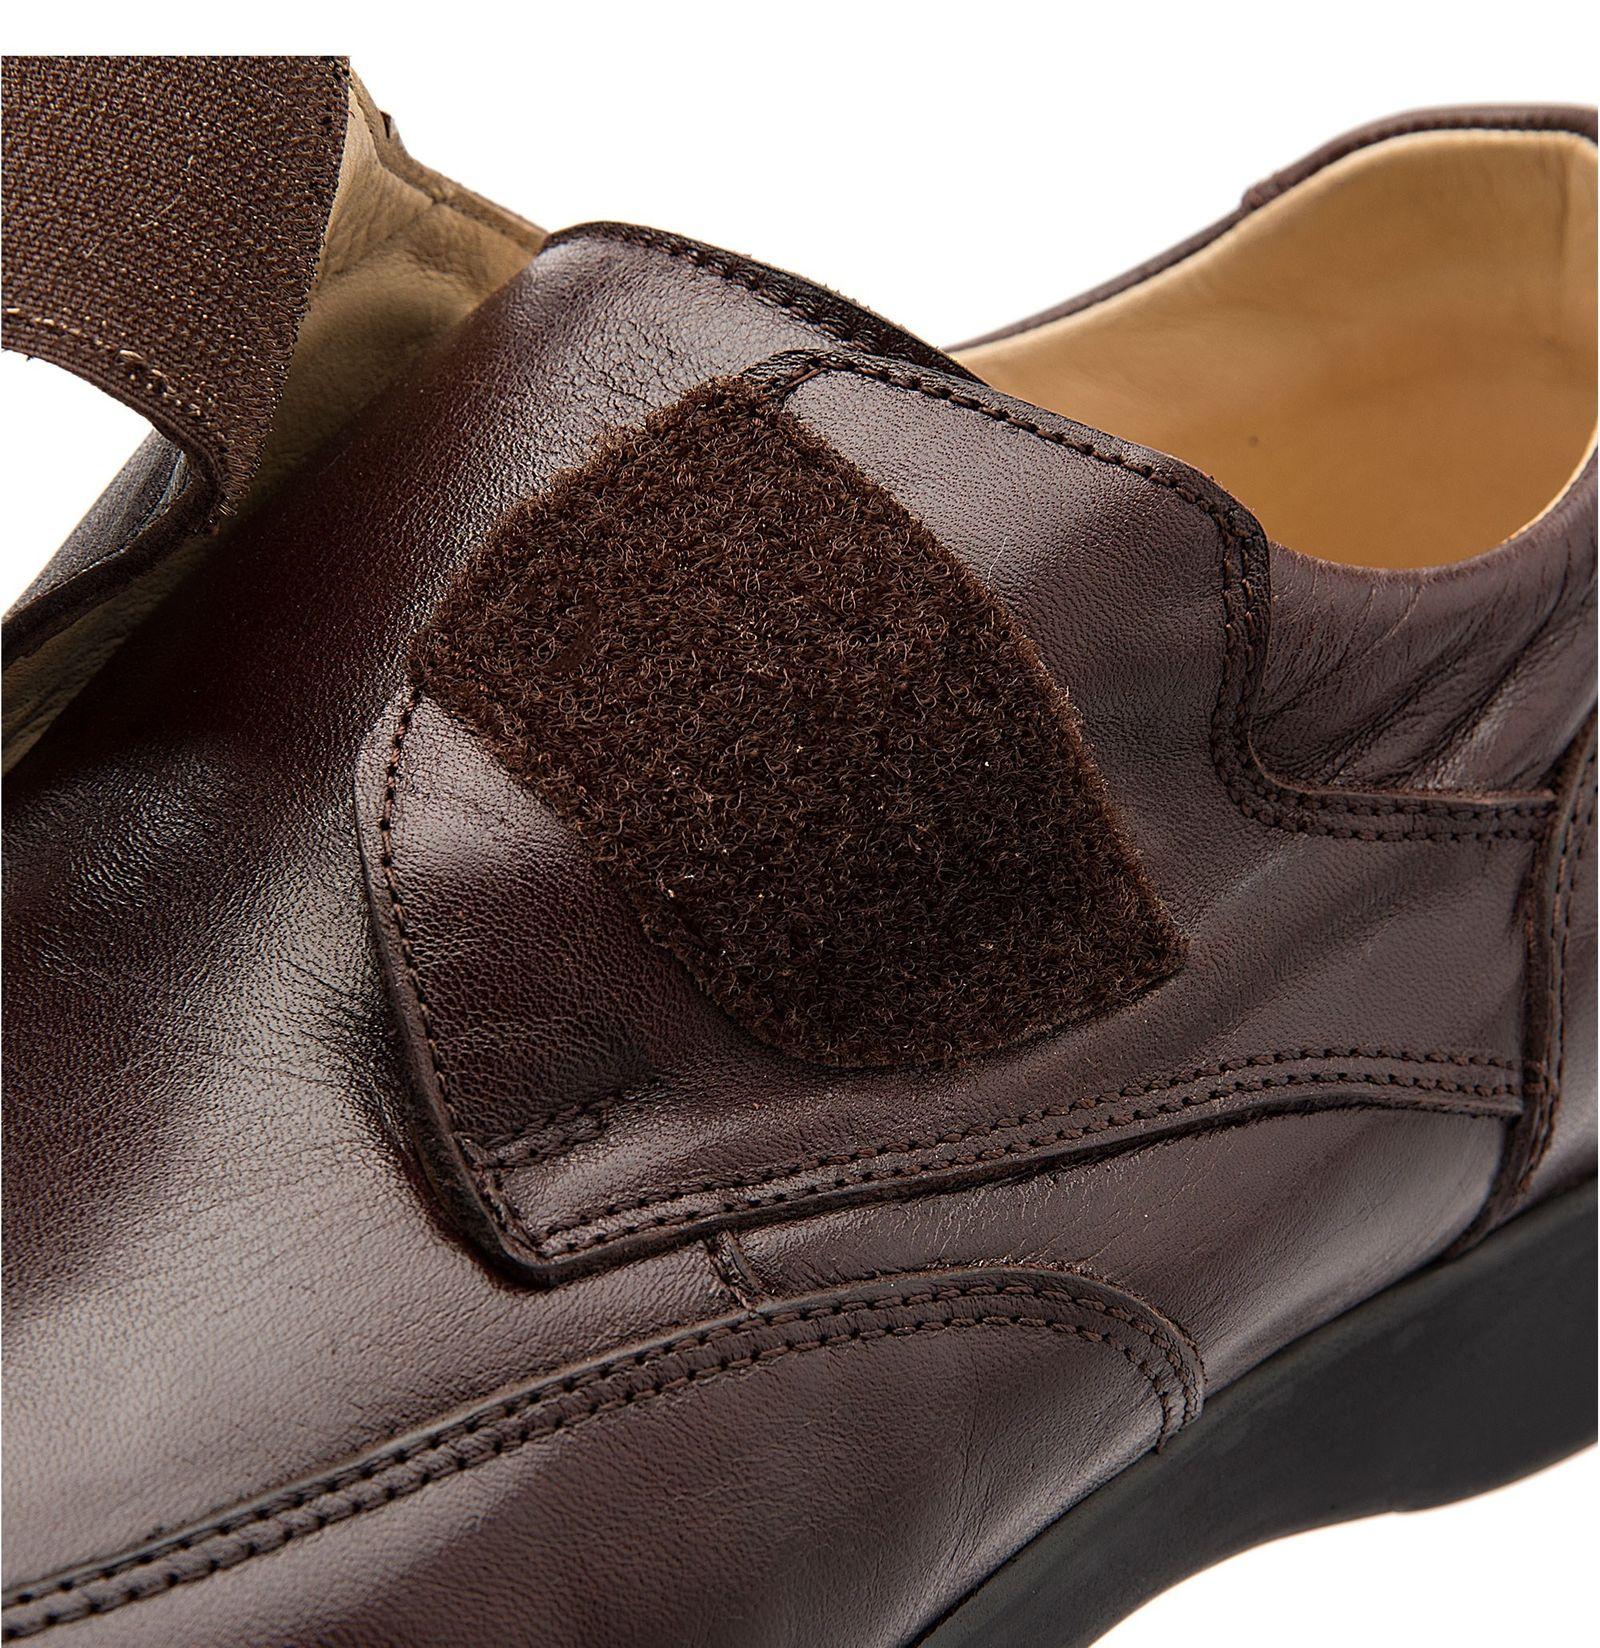 کفش اداری چرم مردانه - شهر چرم - قهوه اي - 5